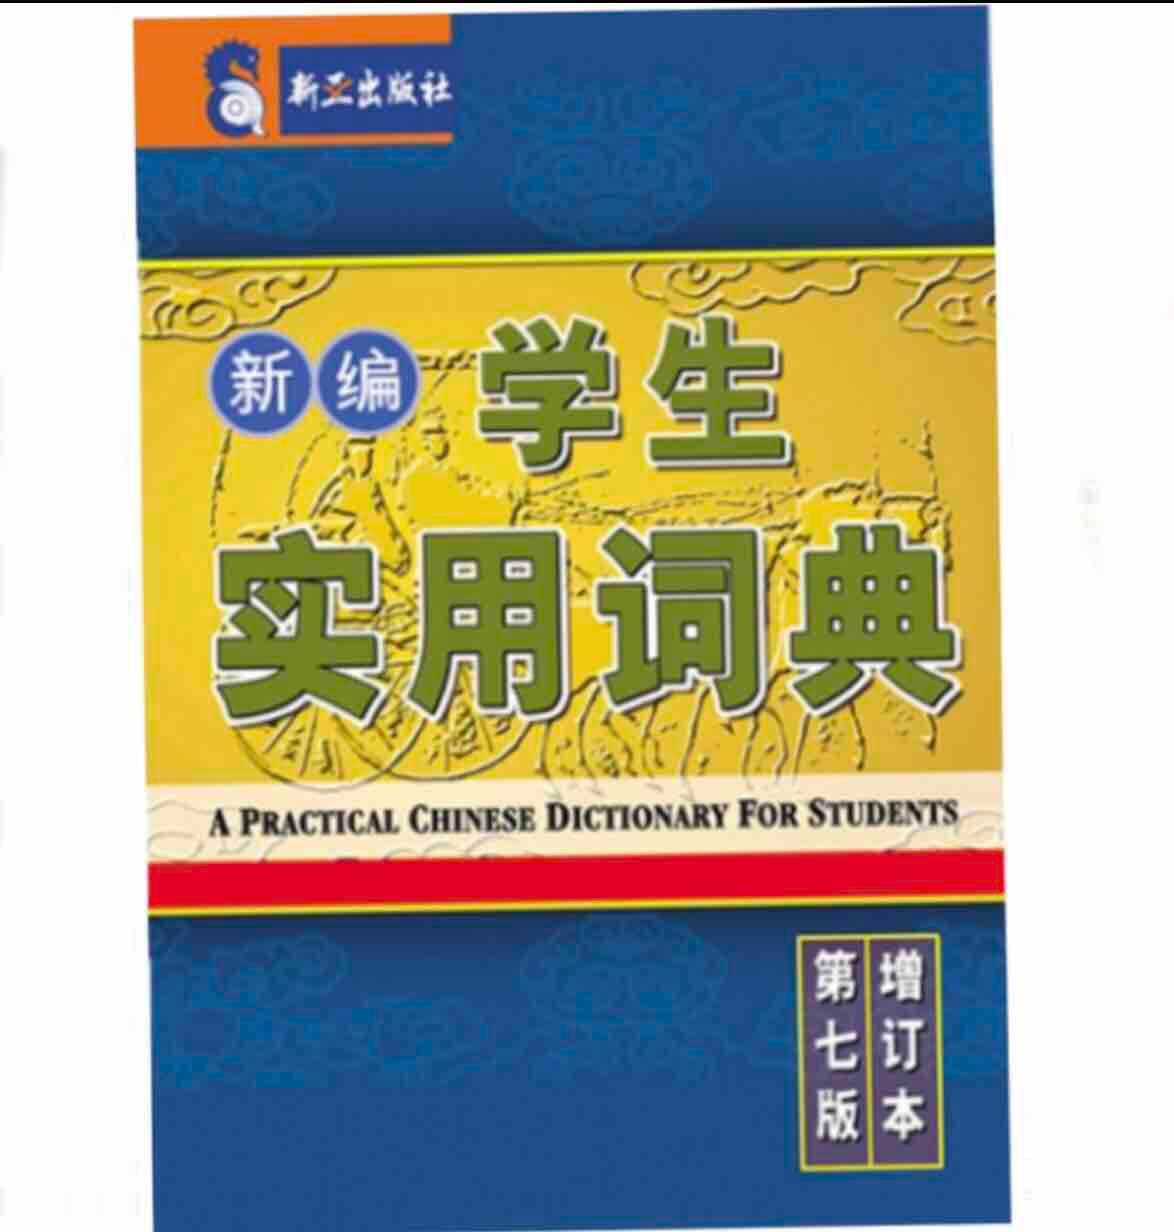 新编学生 实用词典 [第七版/增订本] / A Practical Chinese Dictionary For Students